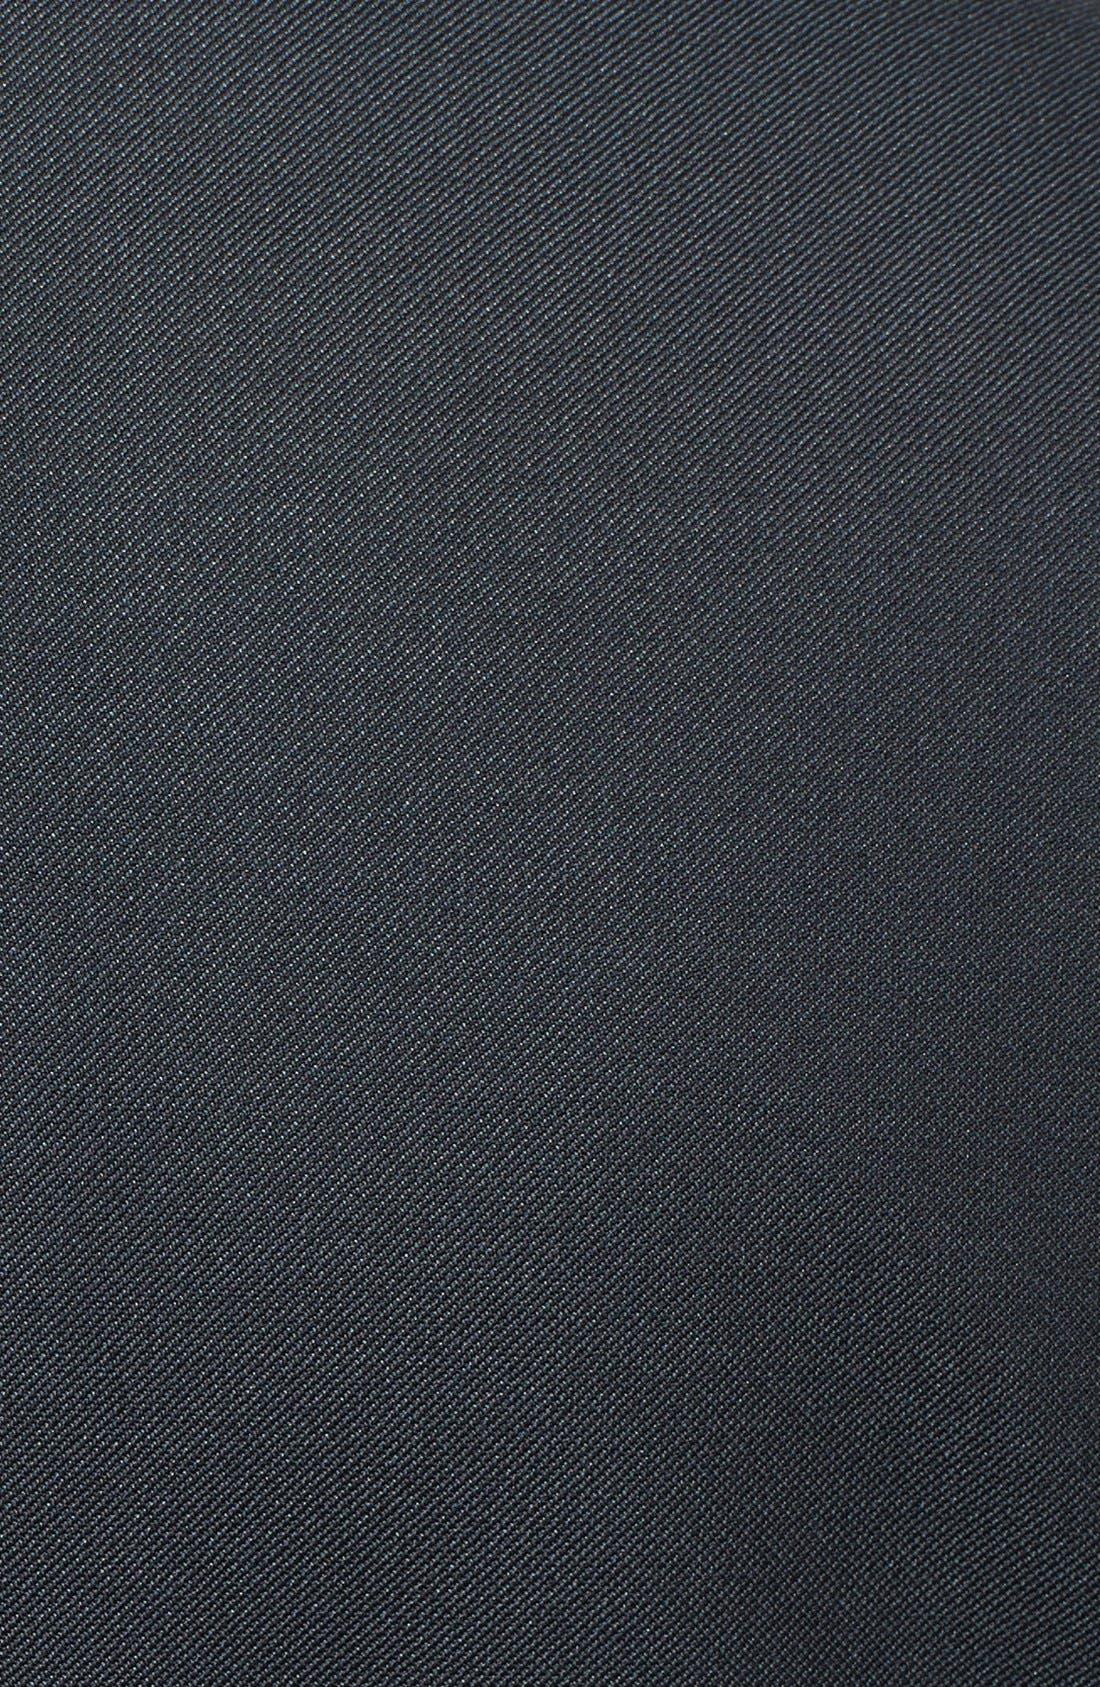 Alternate Image 4  - Max Mara 'Onesti' Wool Blend Jacket